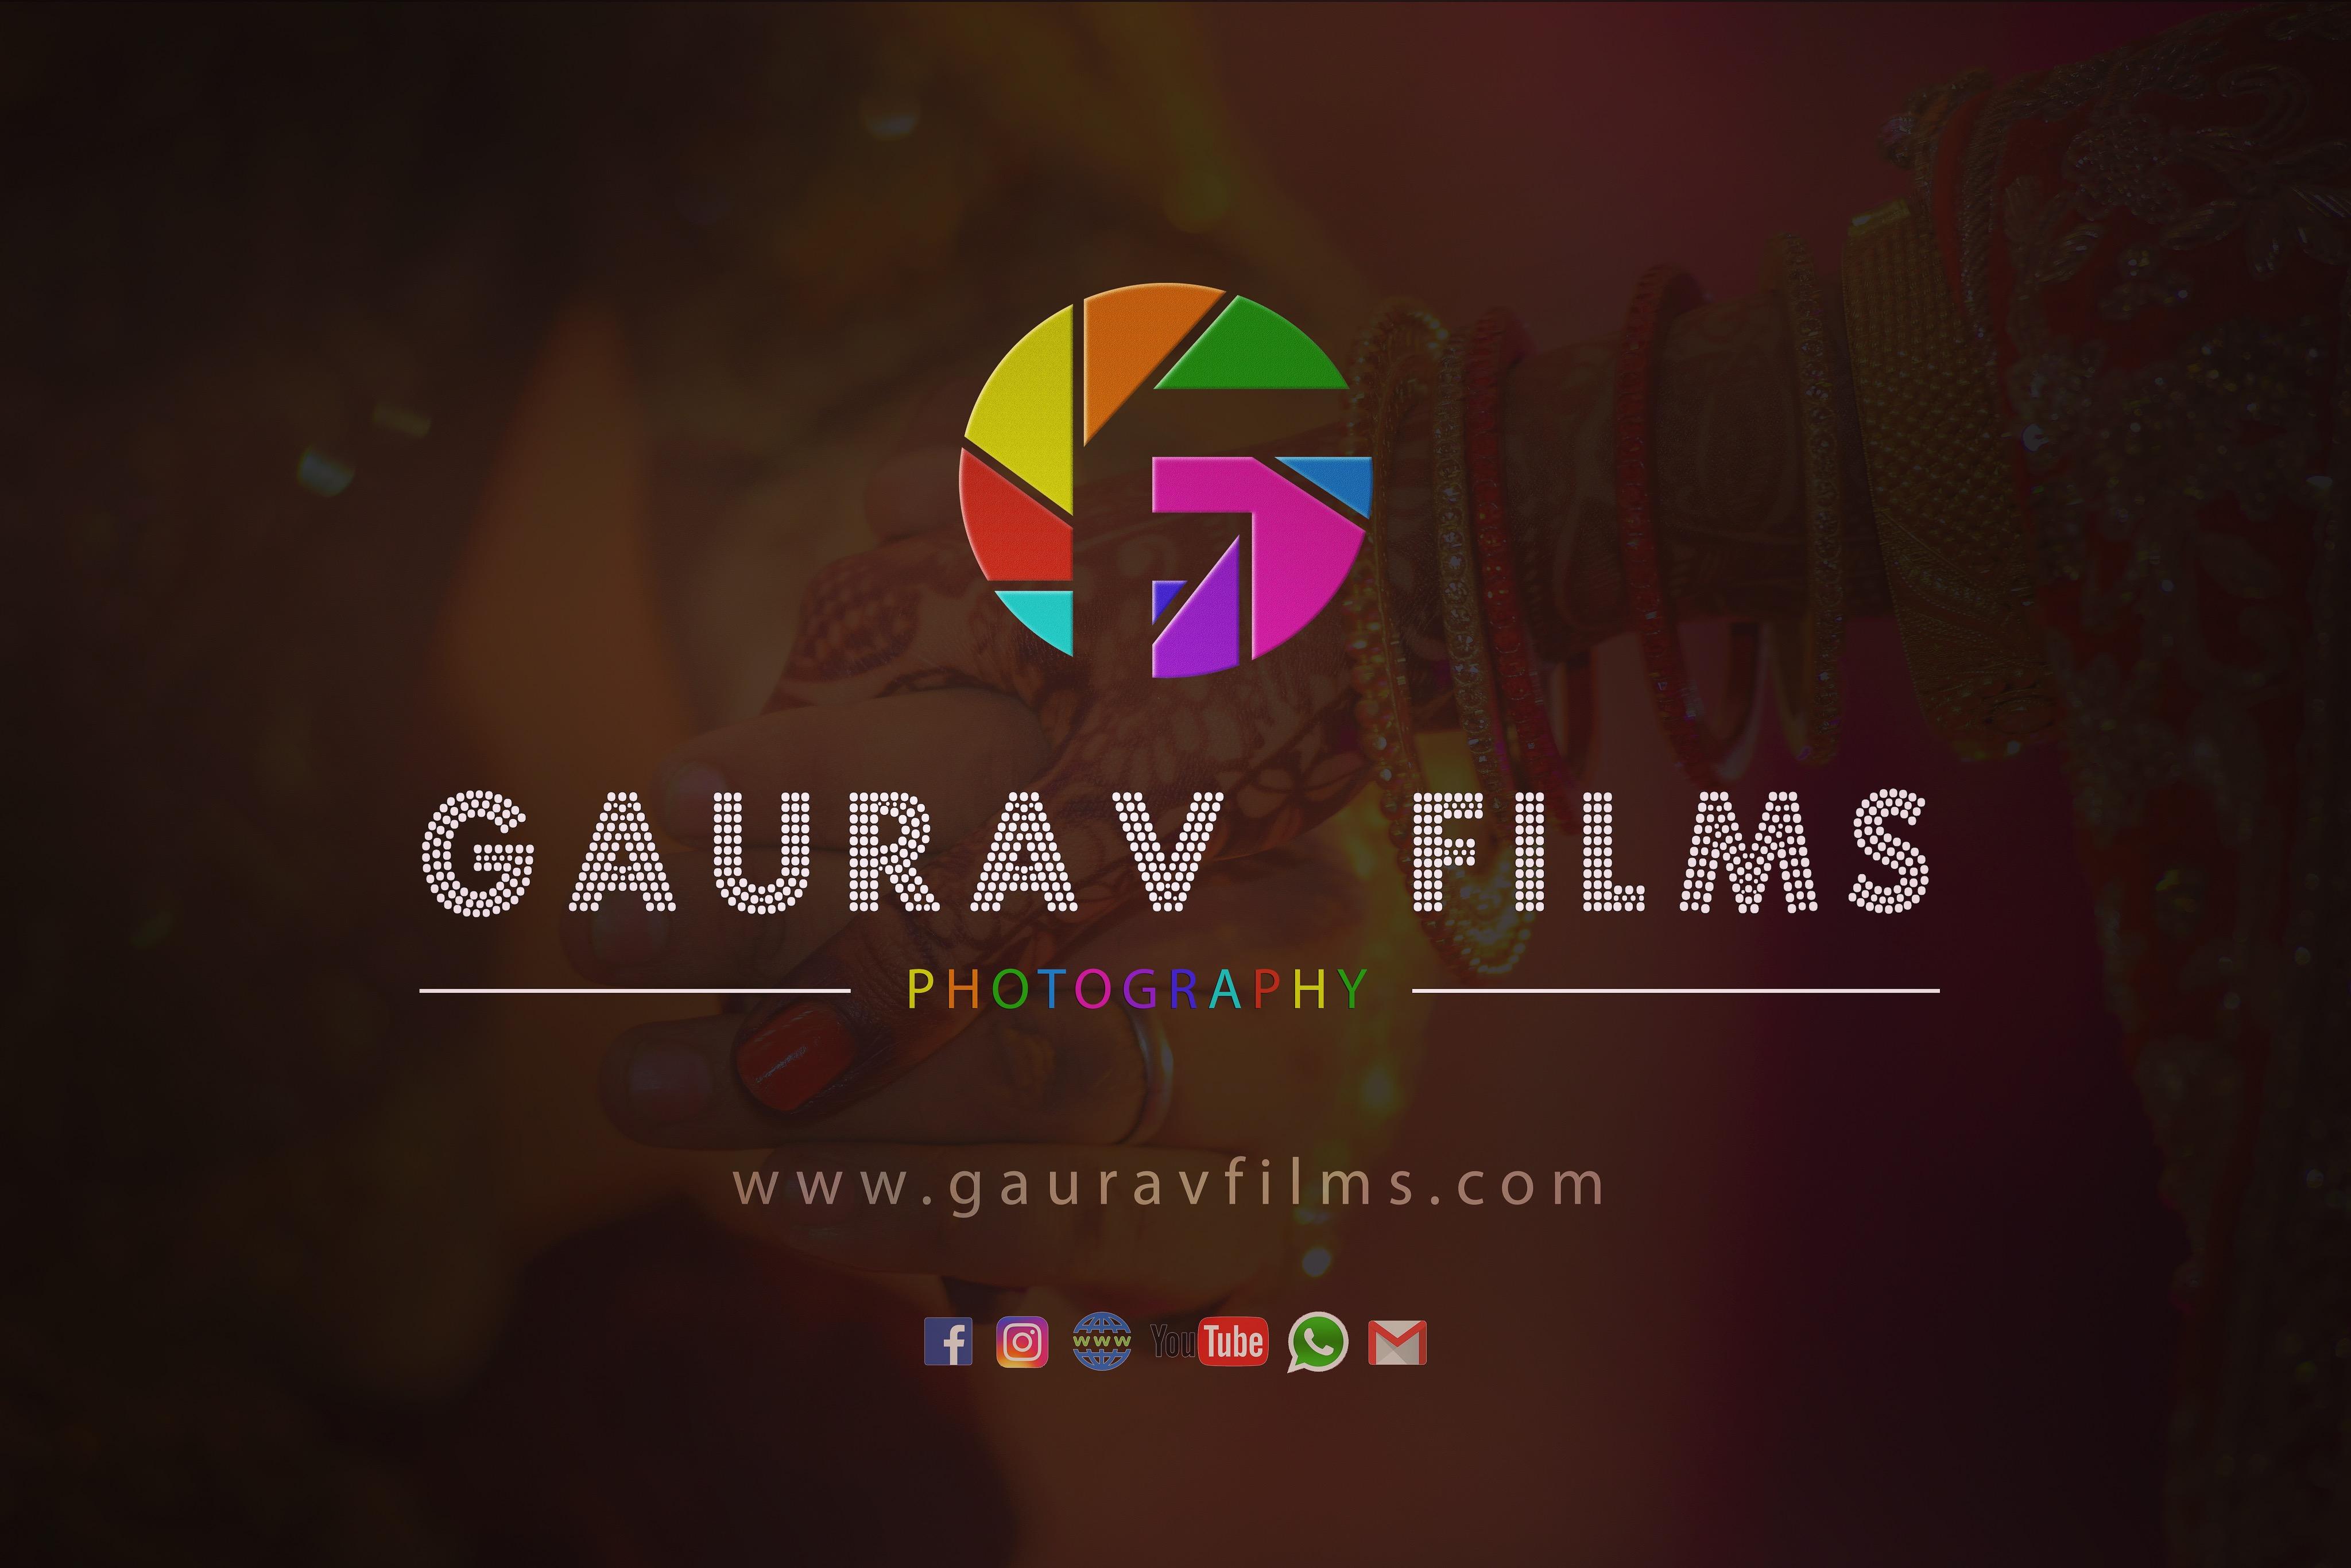 Gaurav films